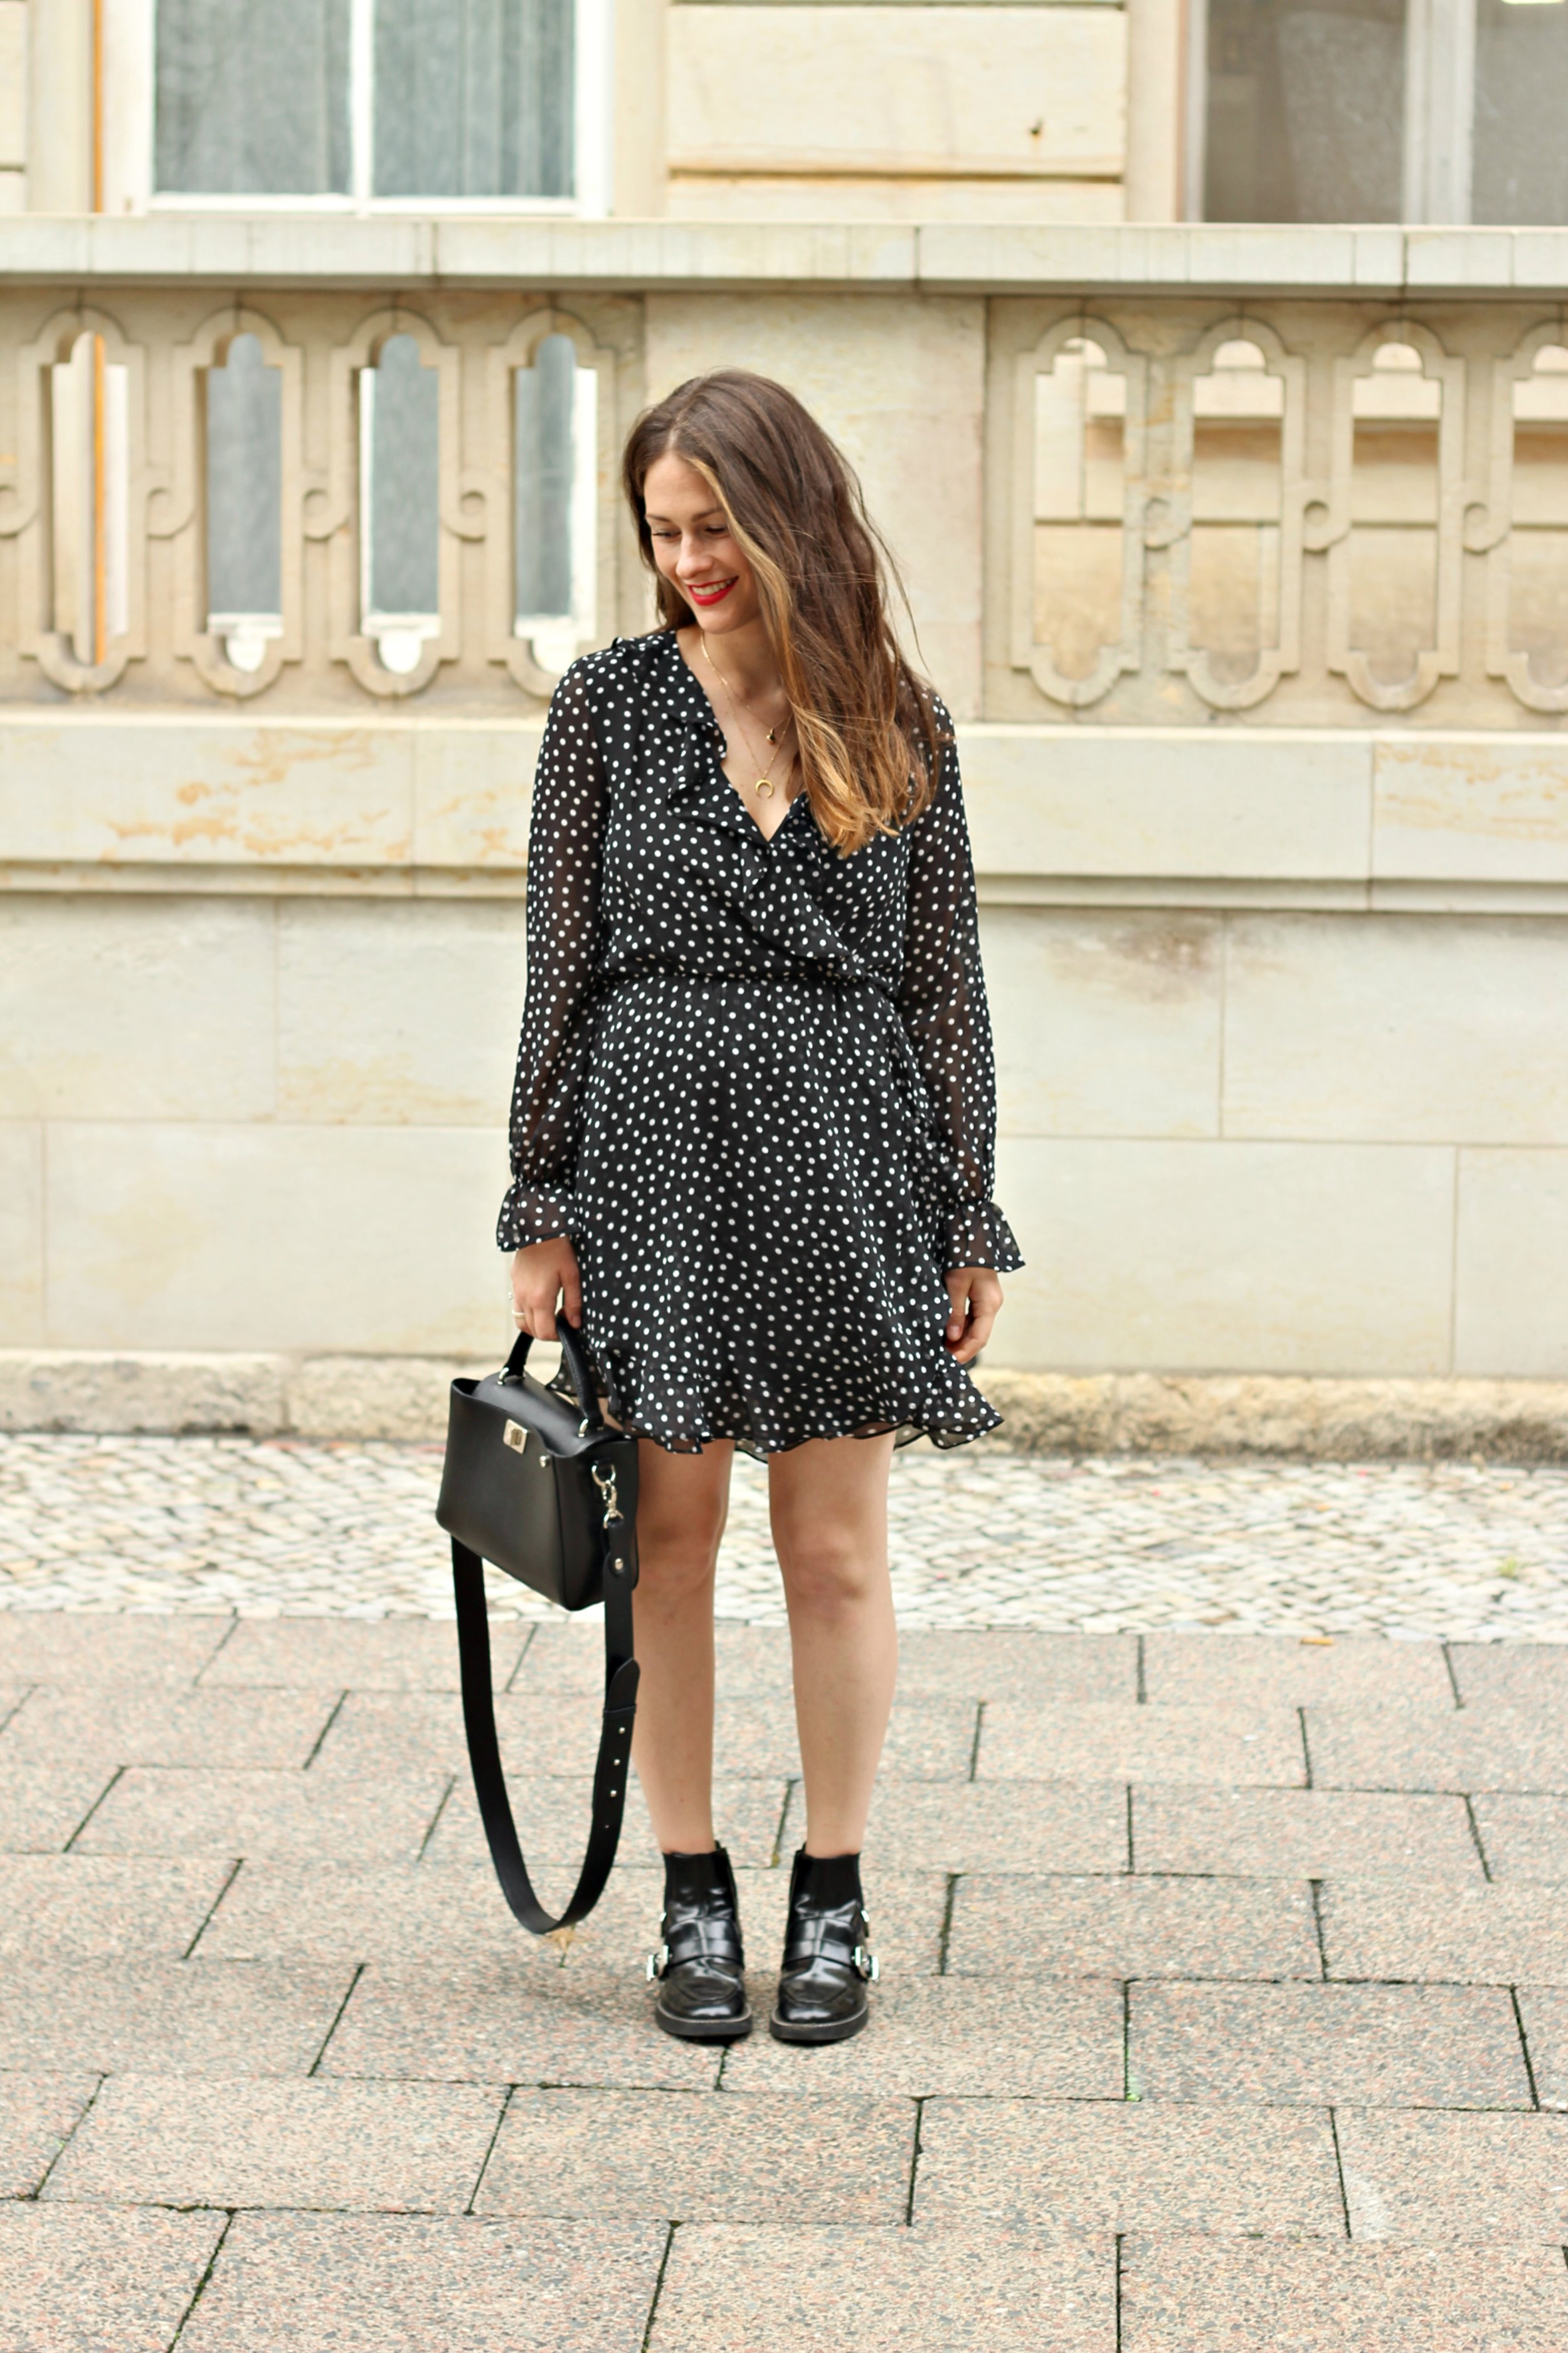 annaporter-wrap-dress-h&m-polka-dot-5